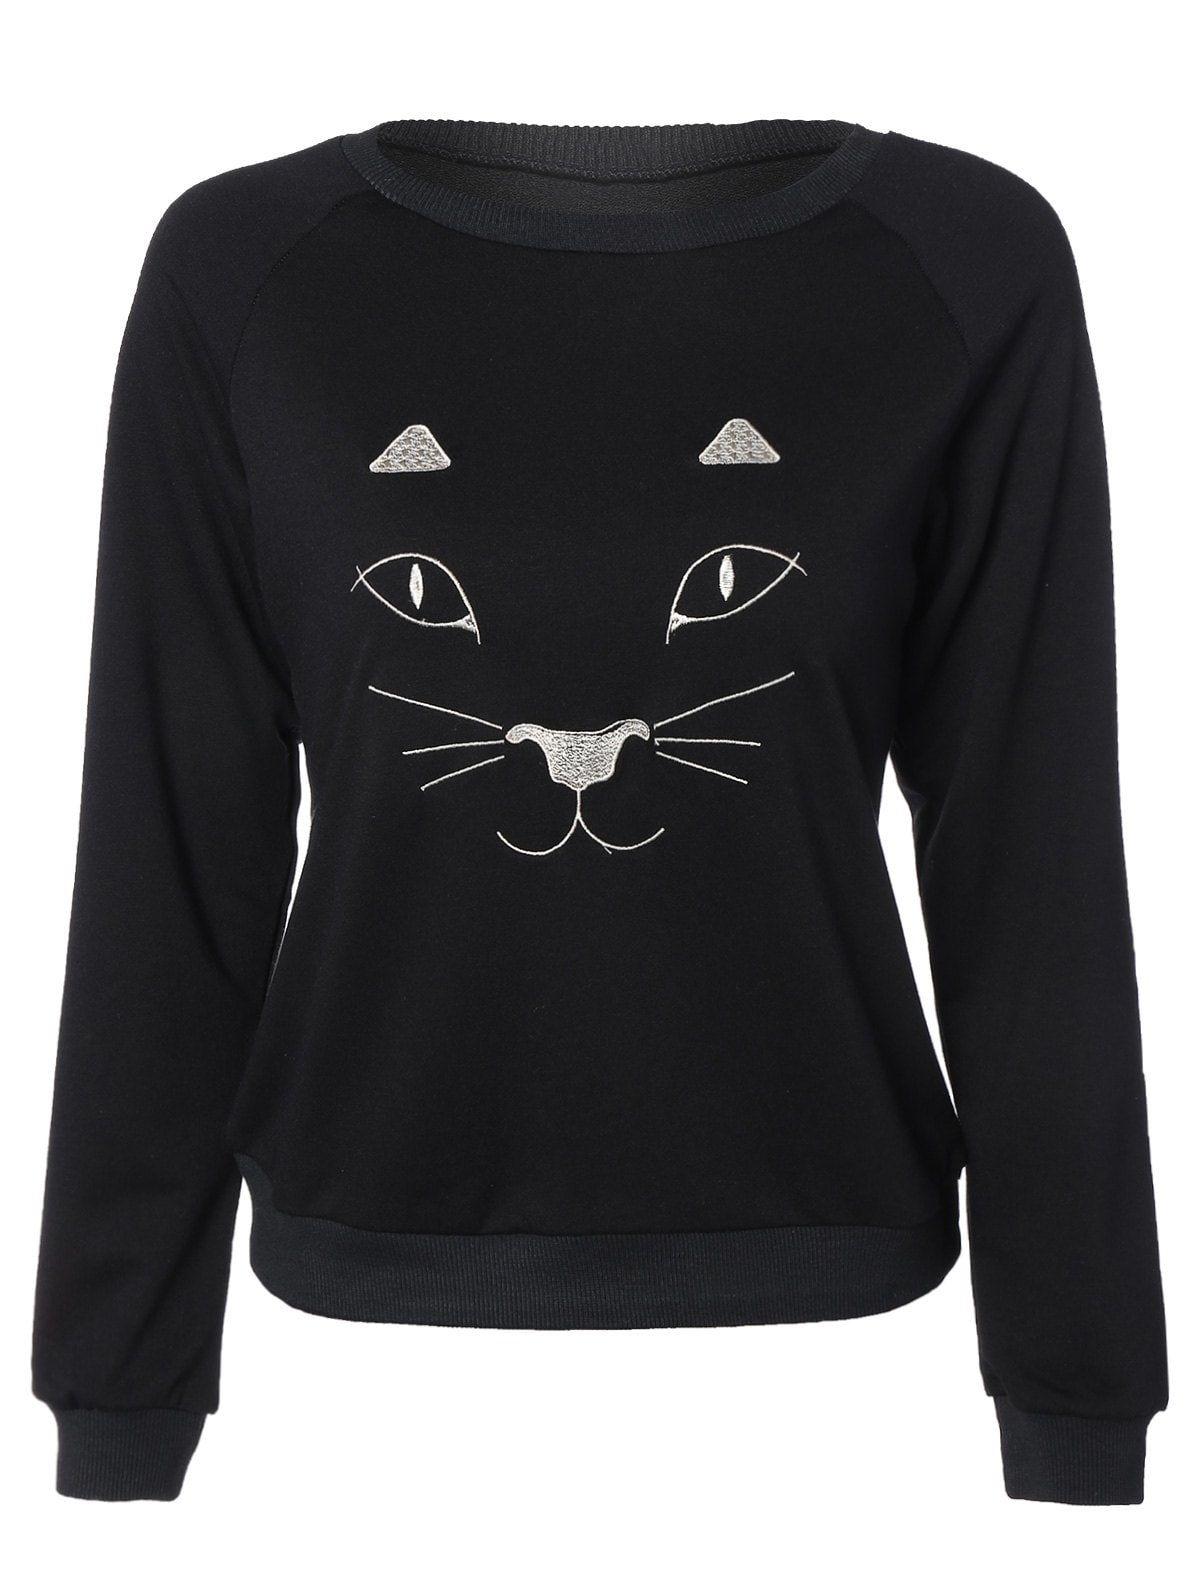 Black And White Cat Sweatshirt